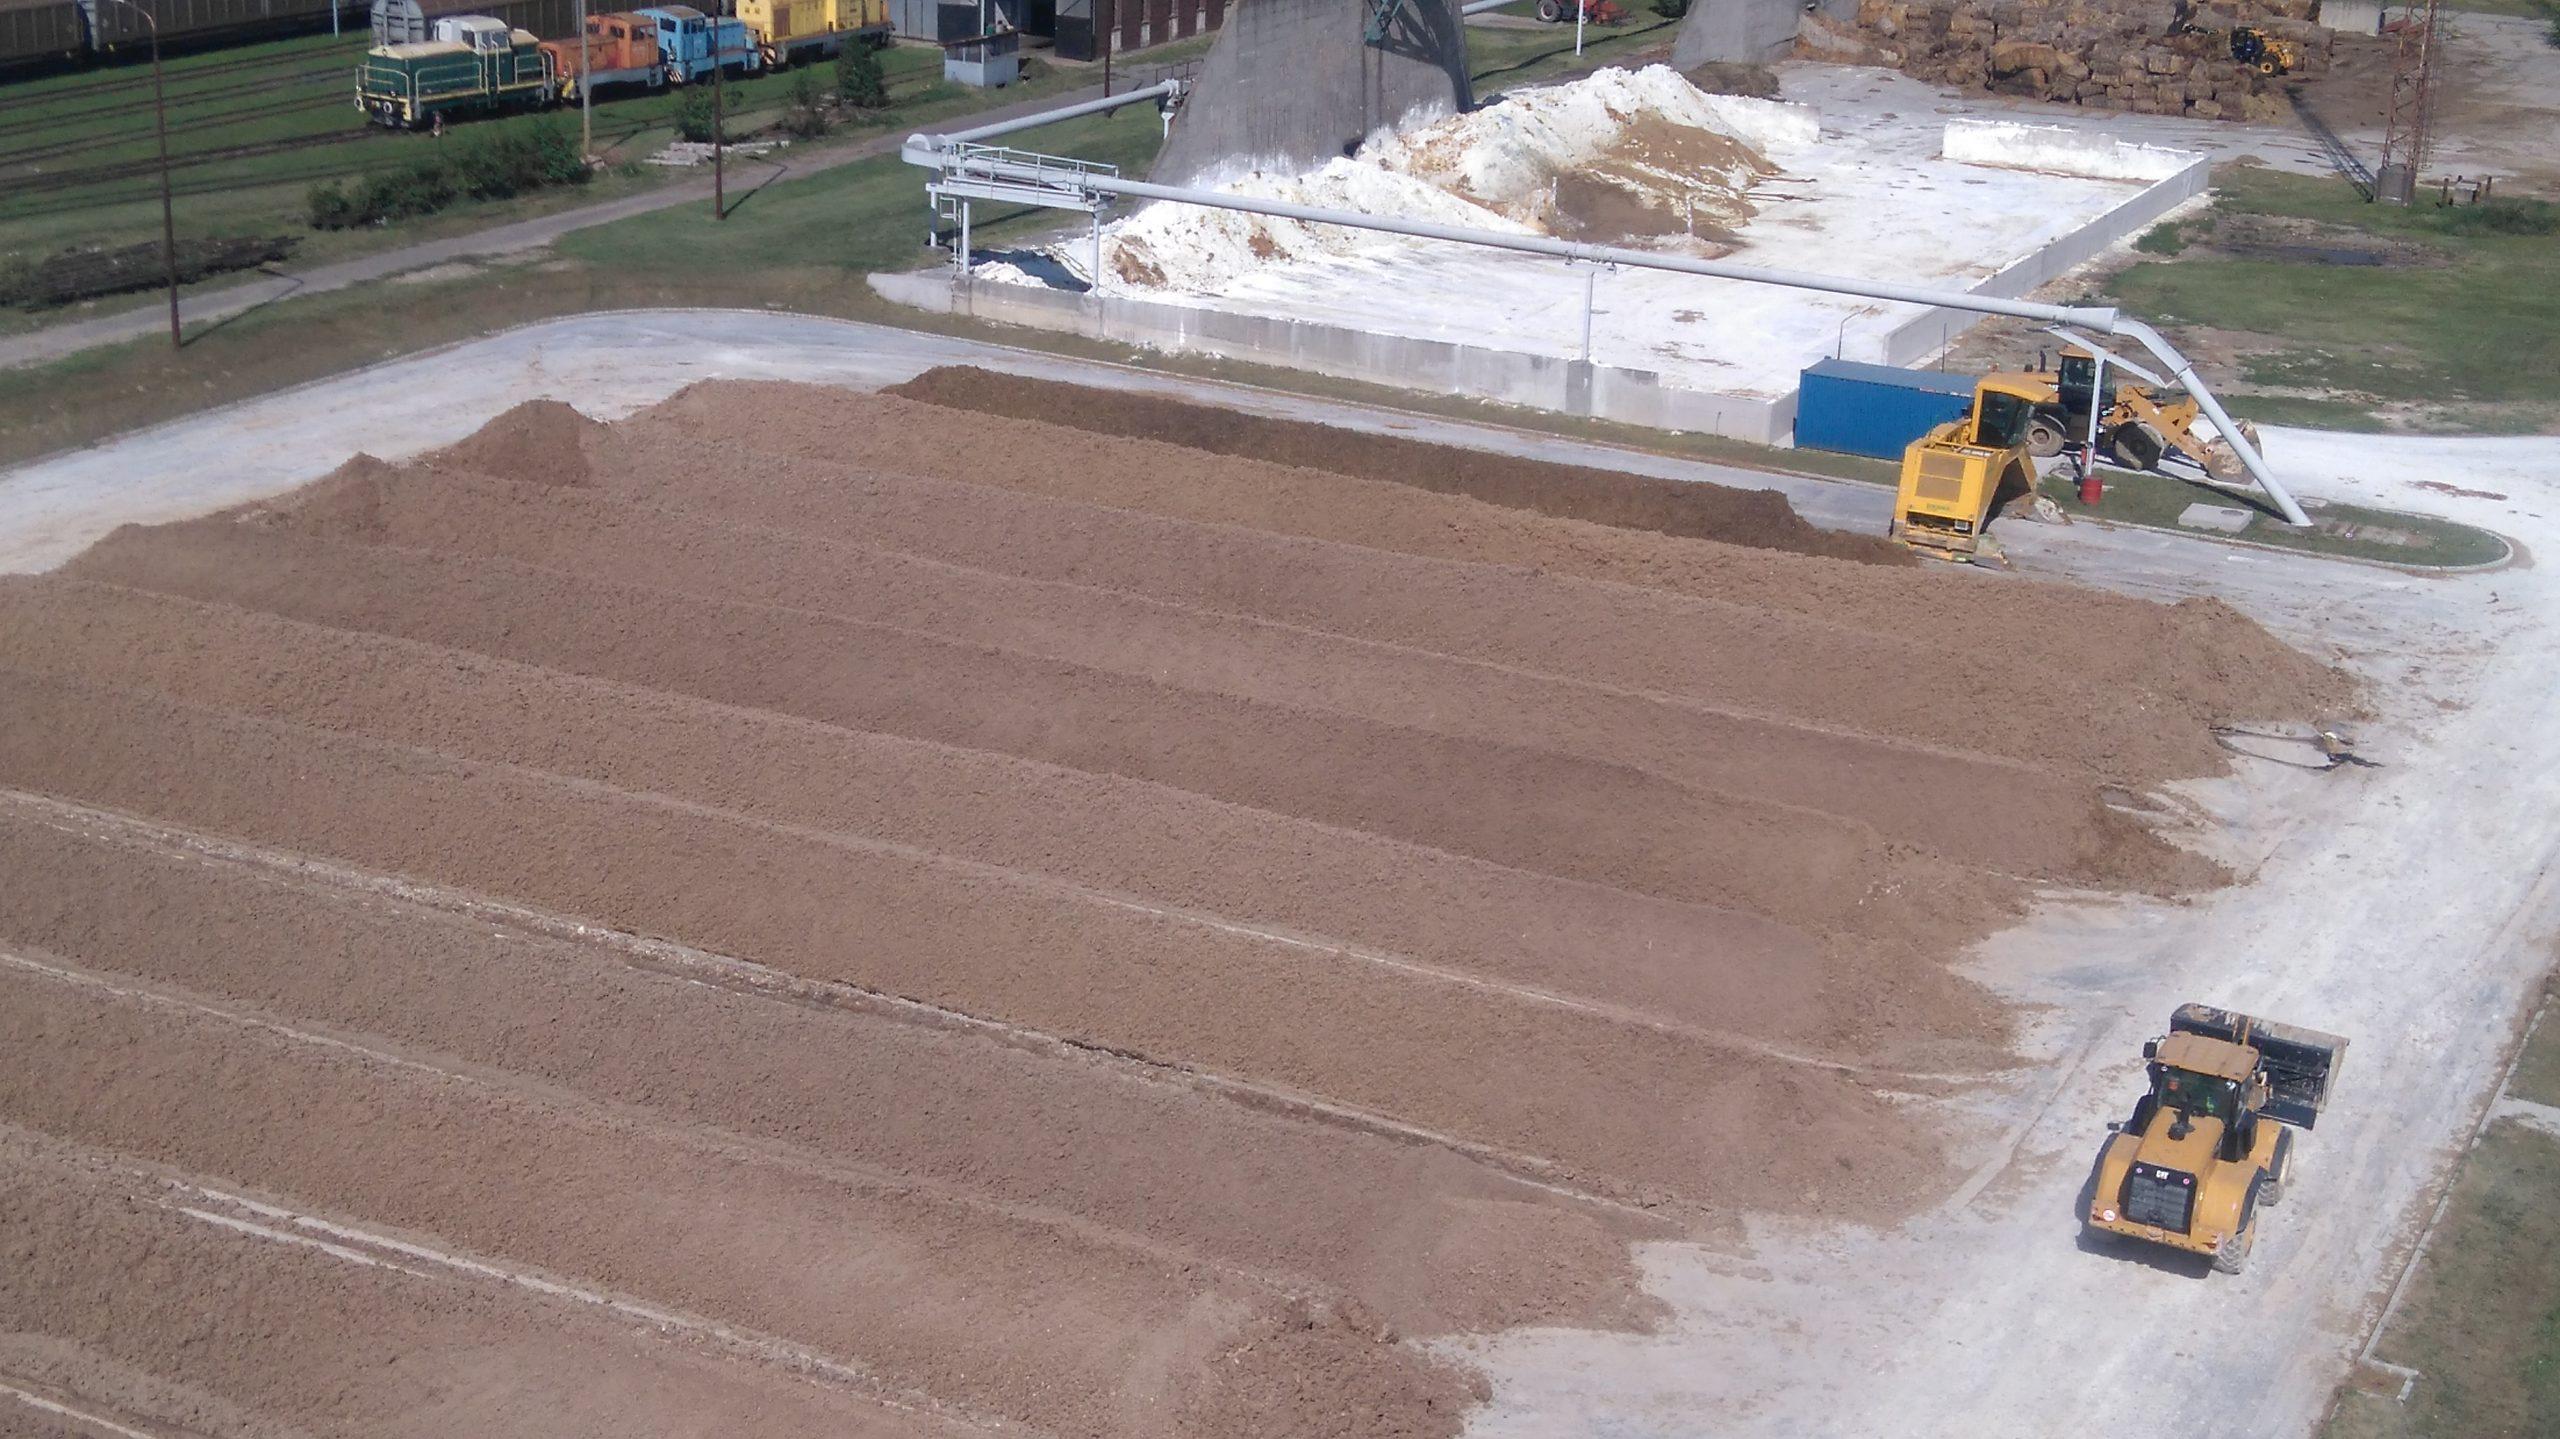 Komposzt és cellulózgyári mésziszap talajjavításhoz